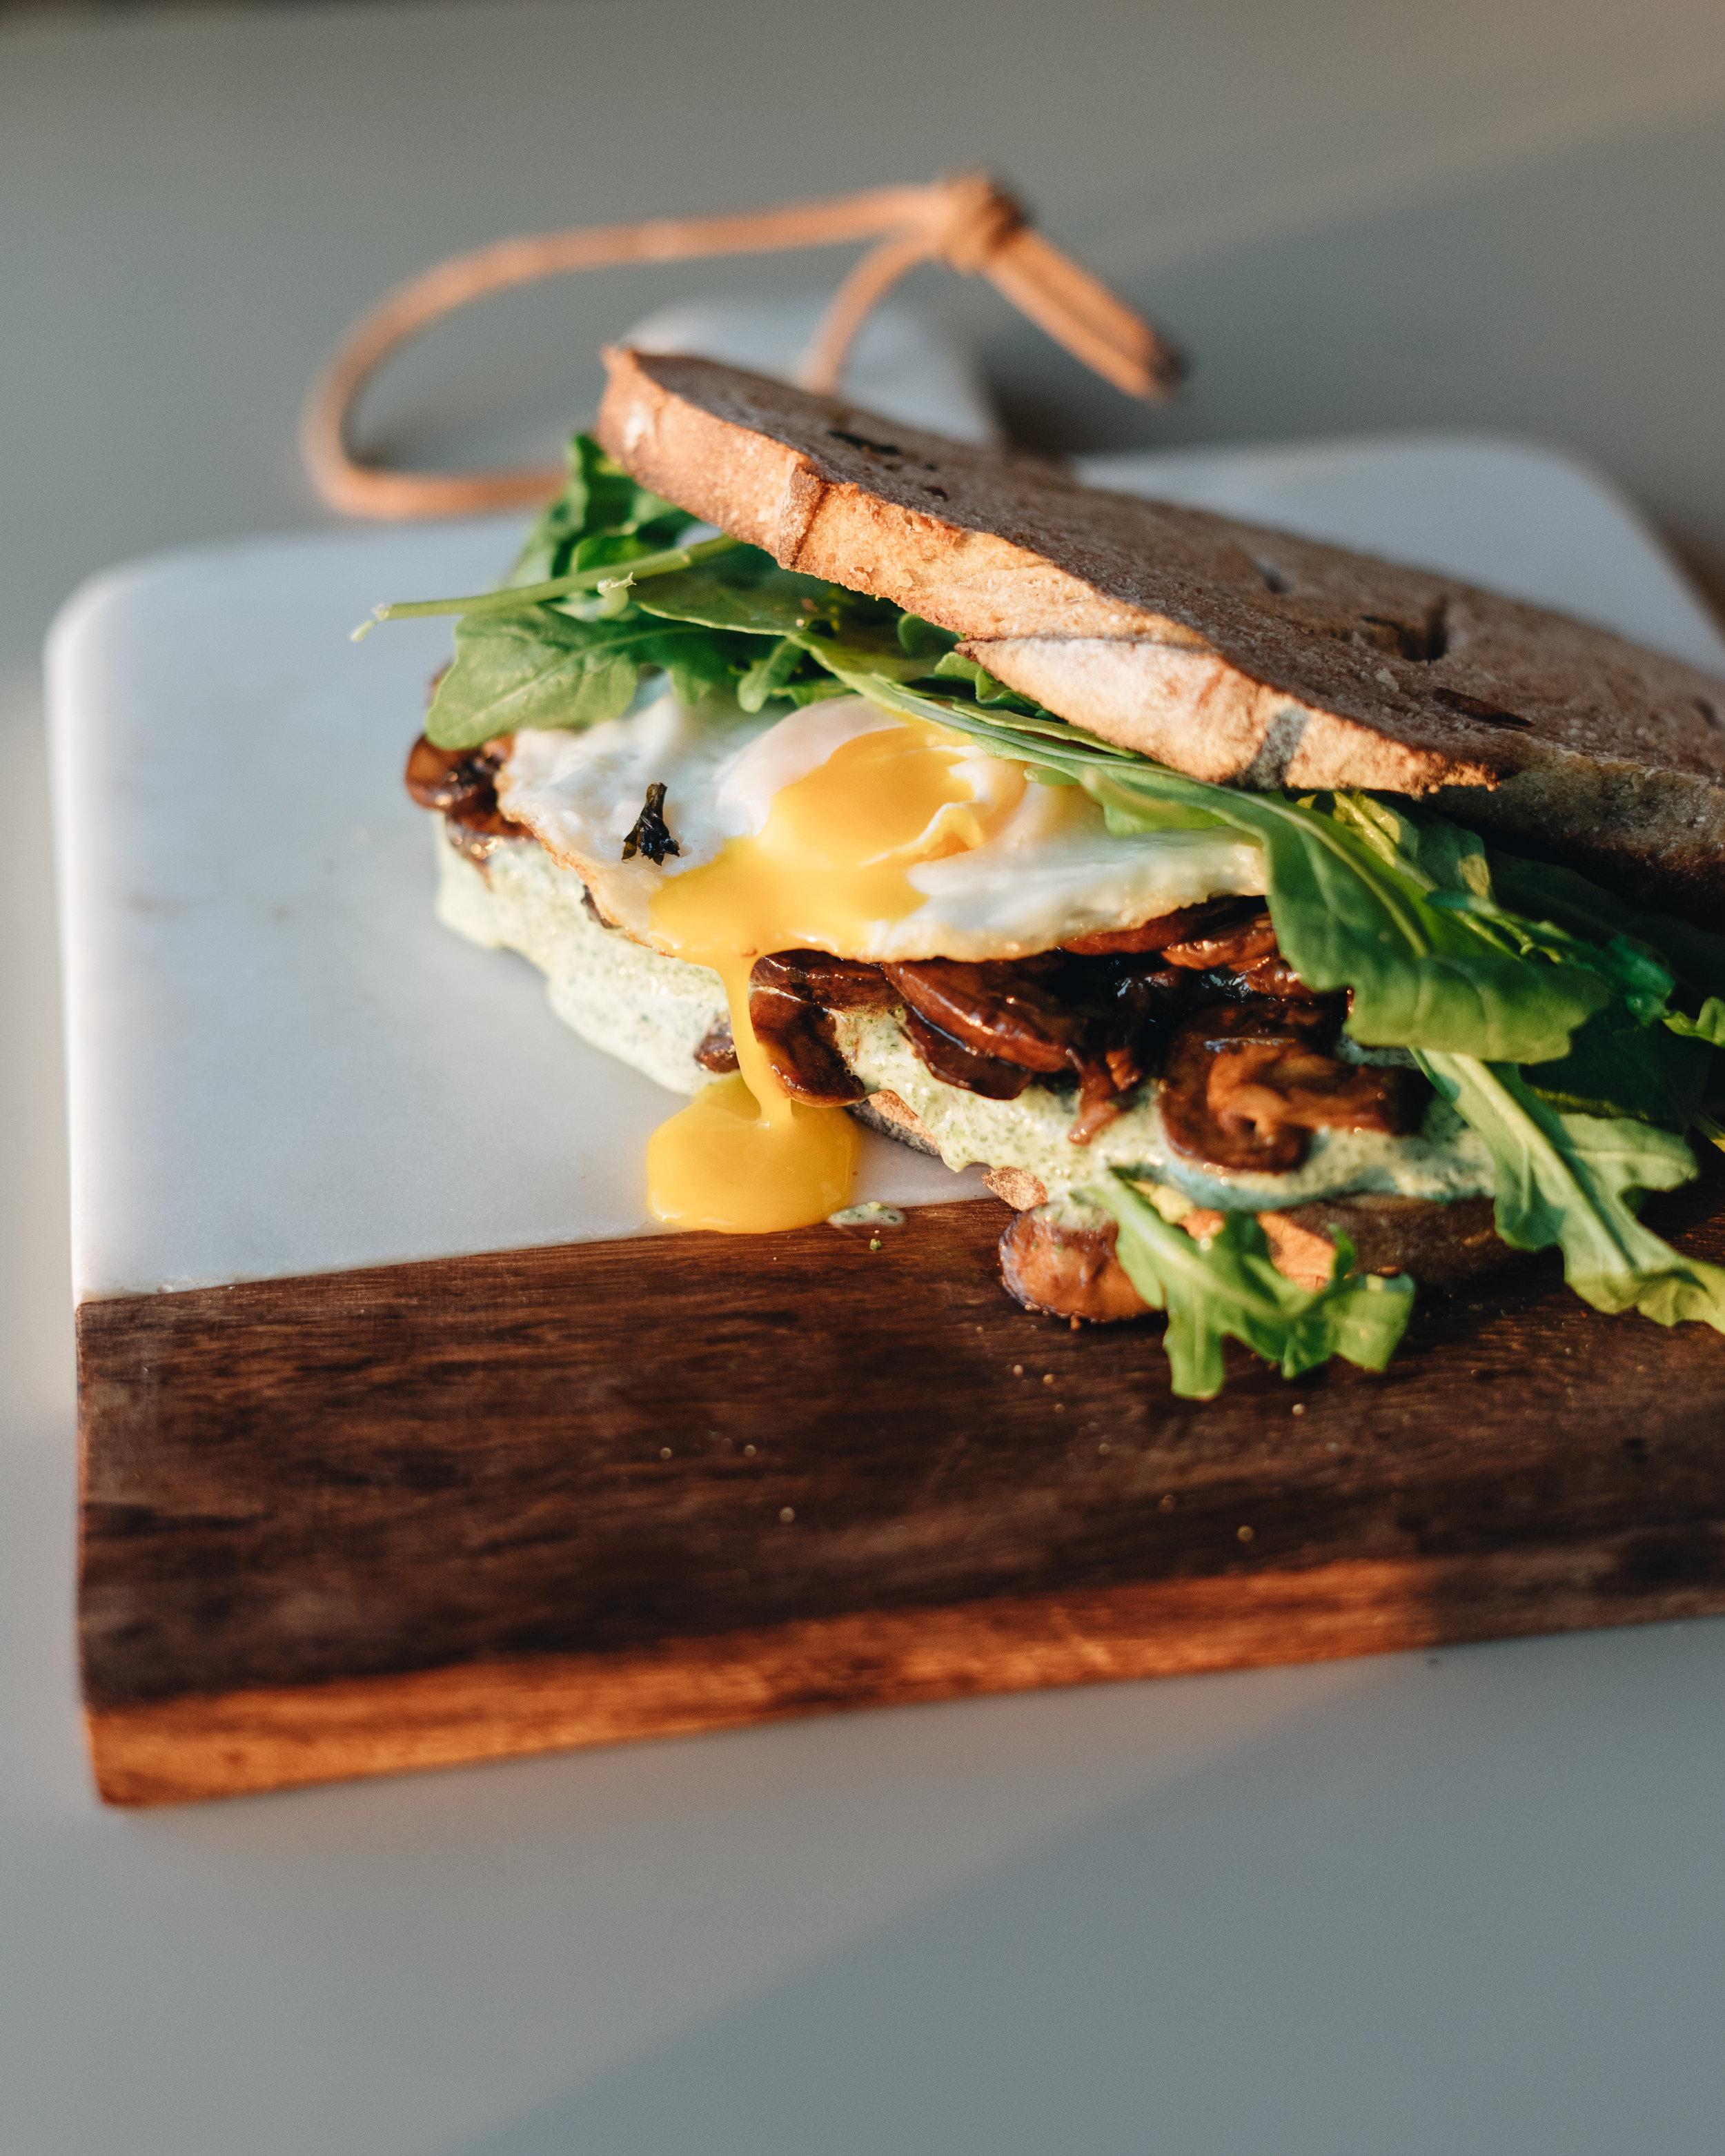 Balsamic Mushroom Egg Sandwich